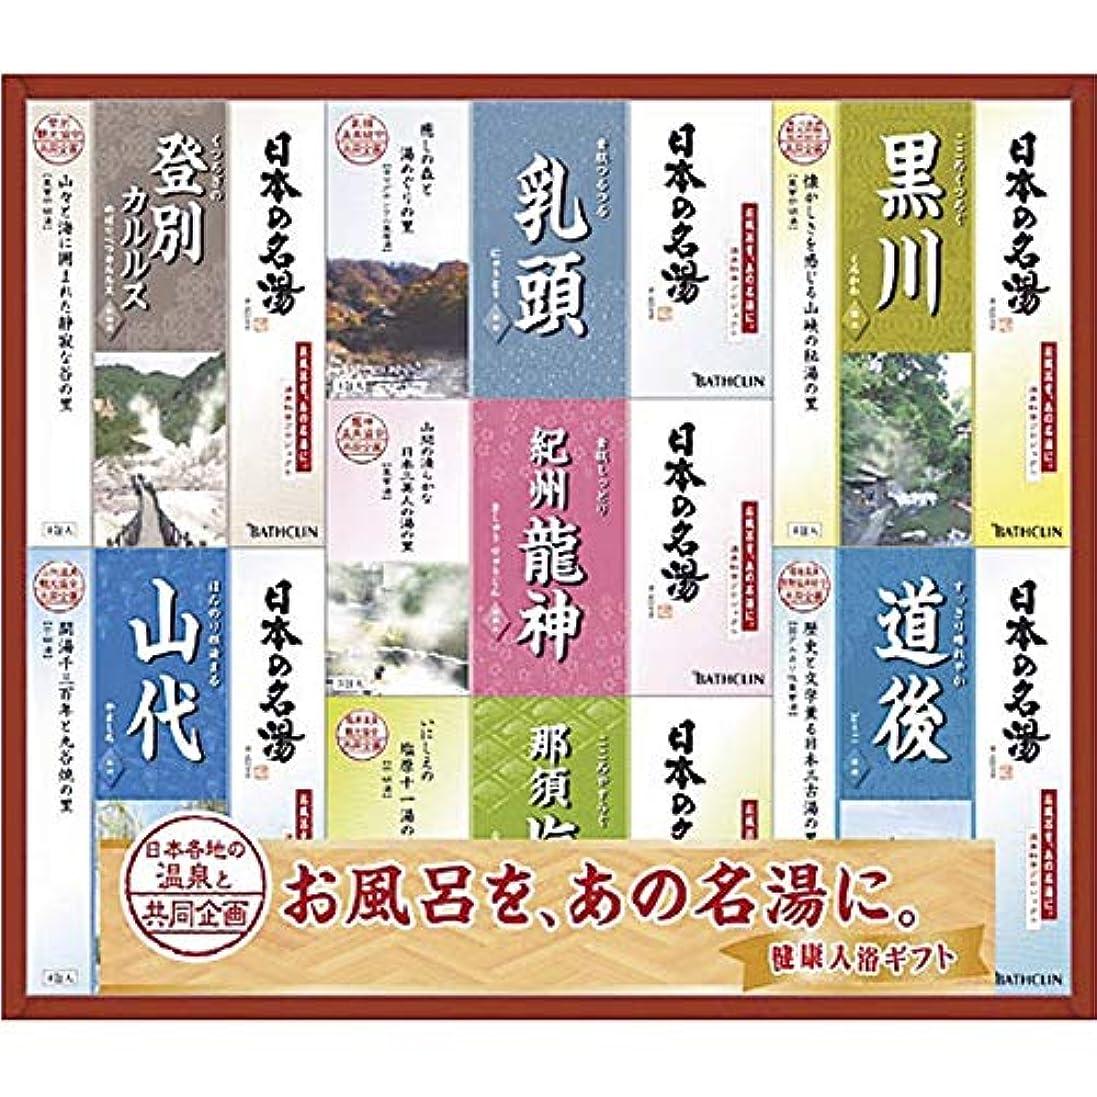 全体試す親バスクリン 日本の名湯 ギフトセット NMG-25F 【個包装 セット 詰め合わせ 疲労回復 ご褒美 贅沢 プチギフト 温まる 温泉 粉 ご当地 まとめ買い 名湯 リラックス 美肌 つめあわせ やさしい やすらぎ】